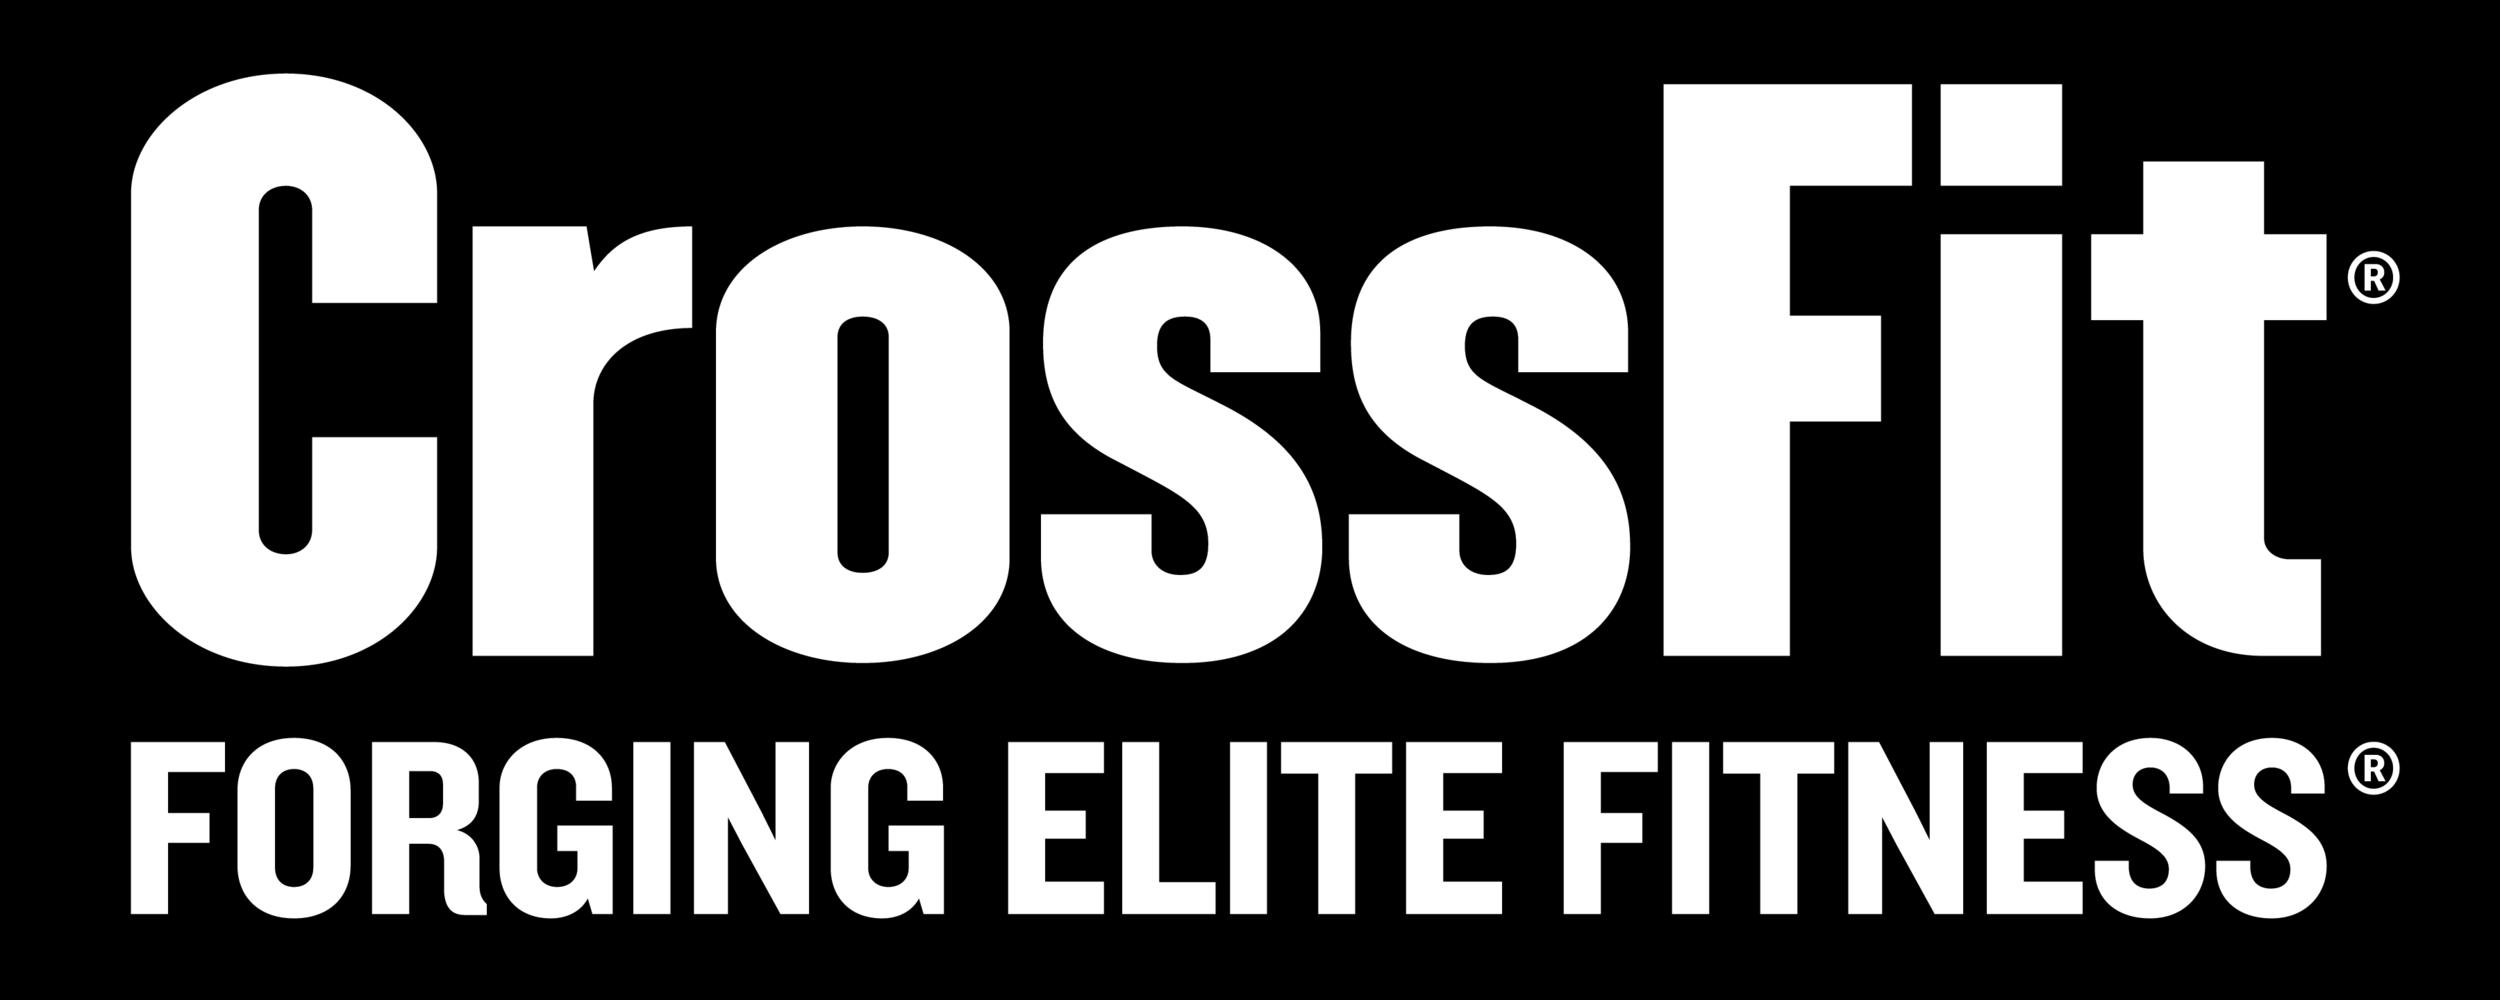 CrossFit_Black_Banner_2x5_6d1406ba-8fe4-406e-84b1-ea314ea42aad.png